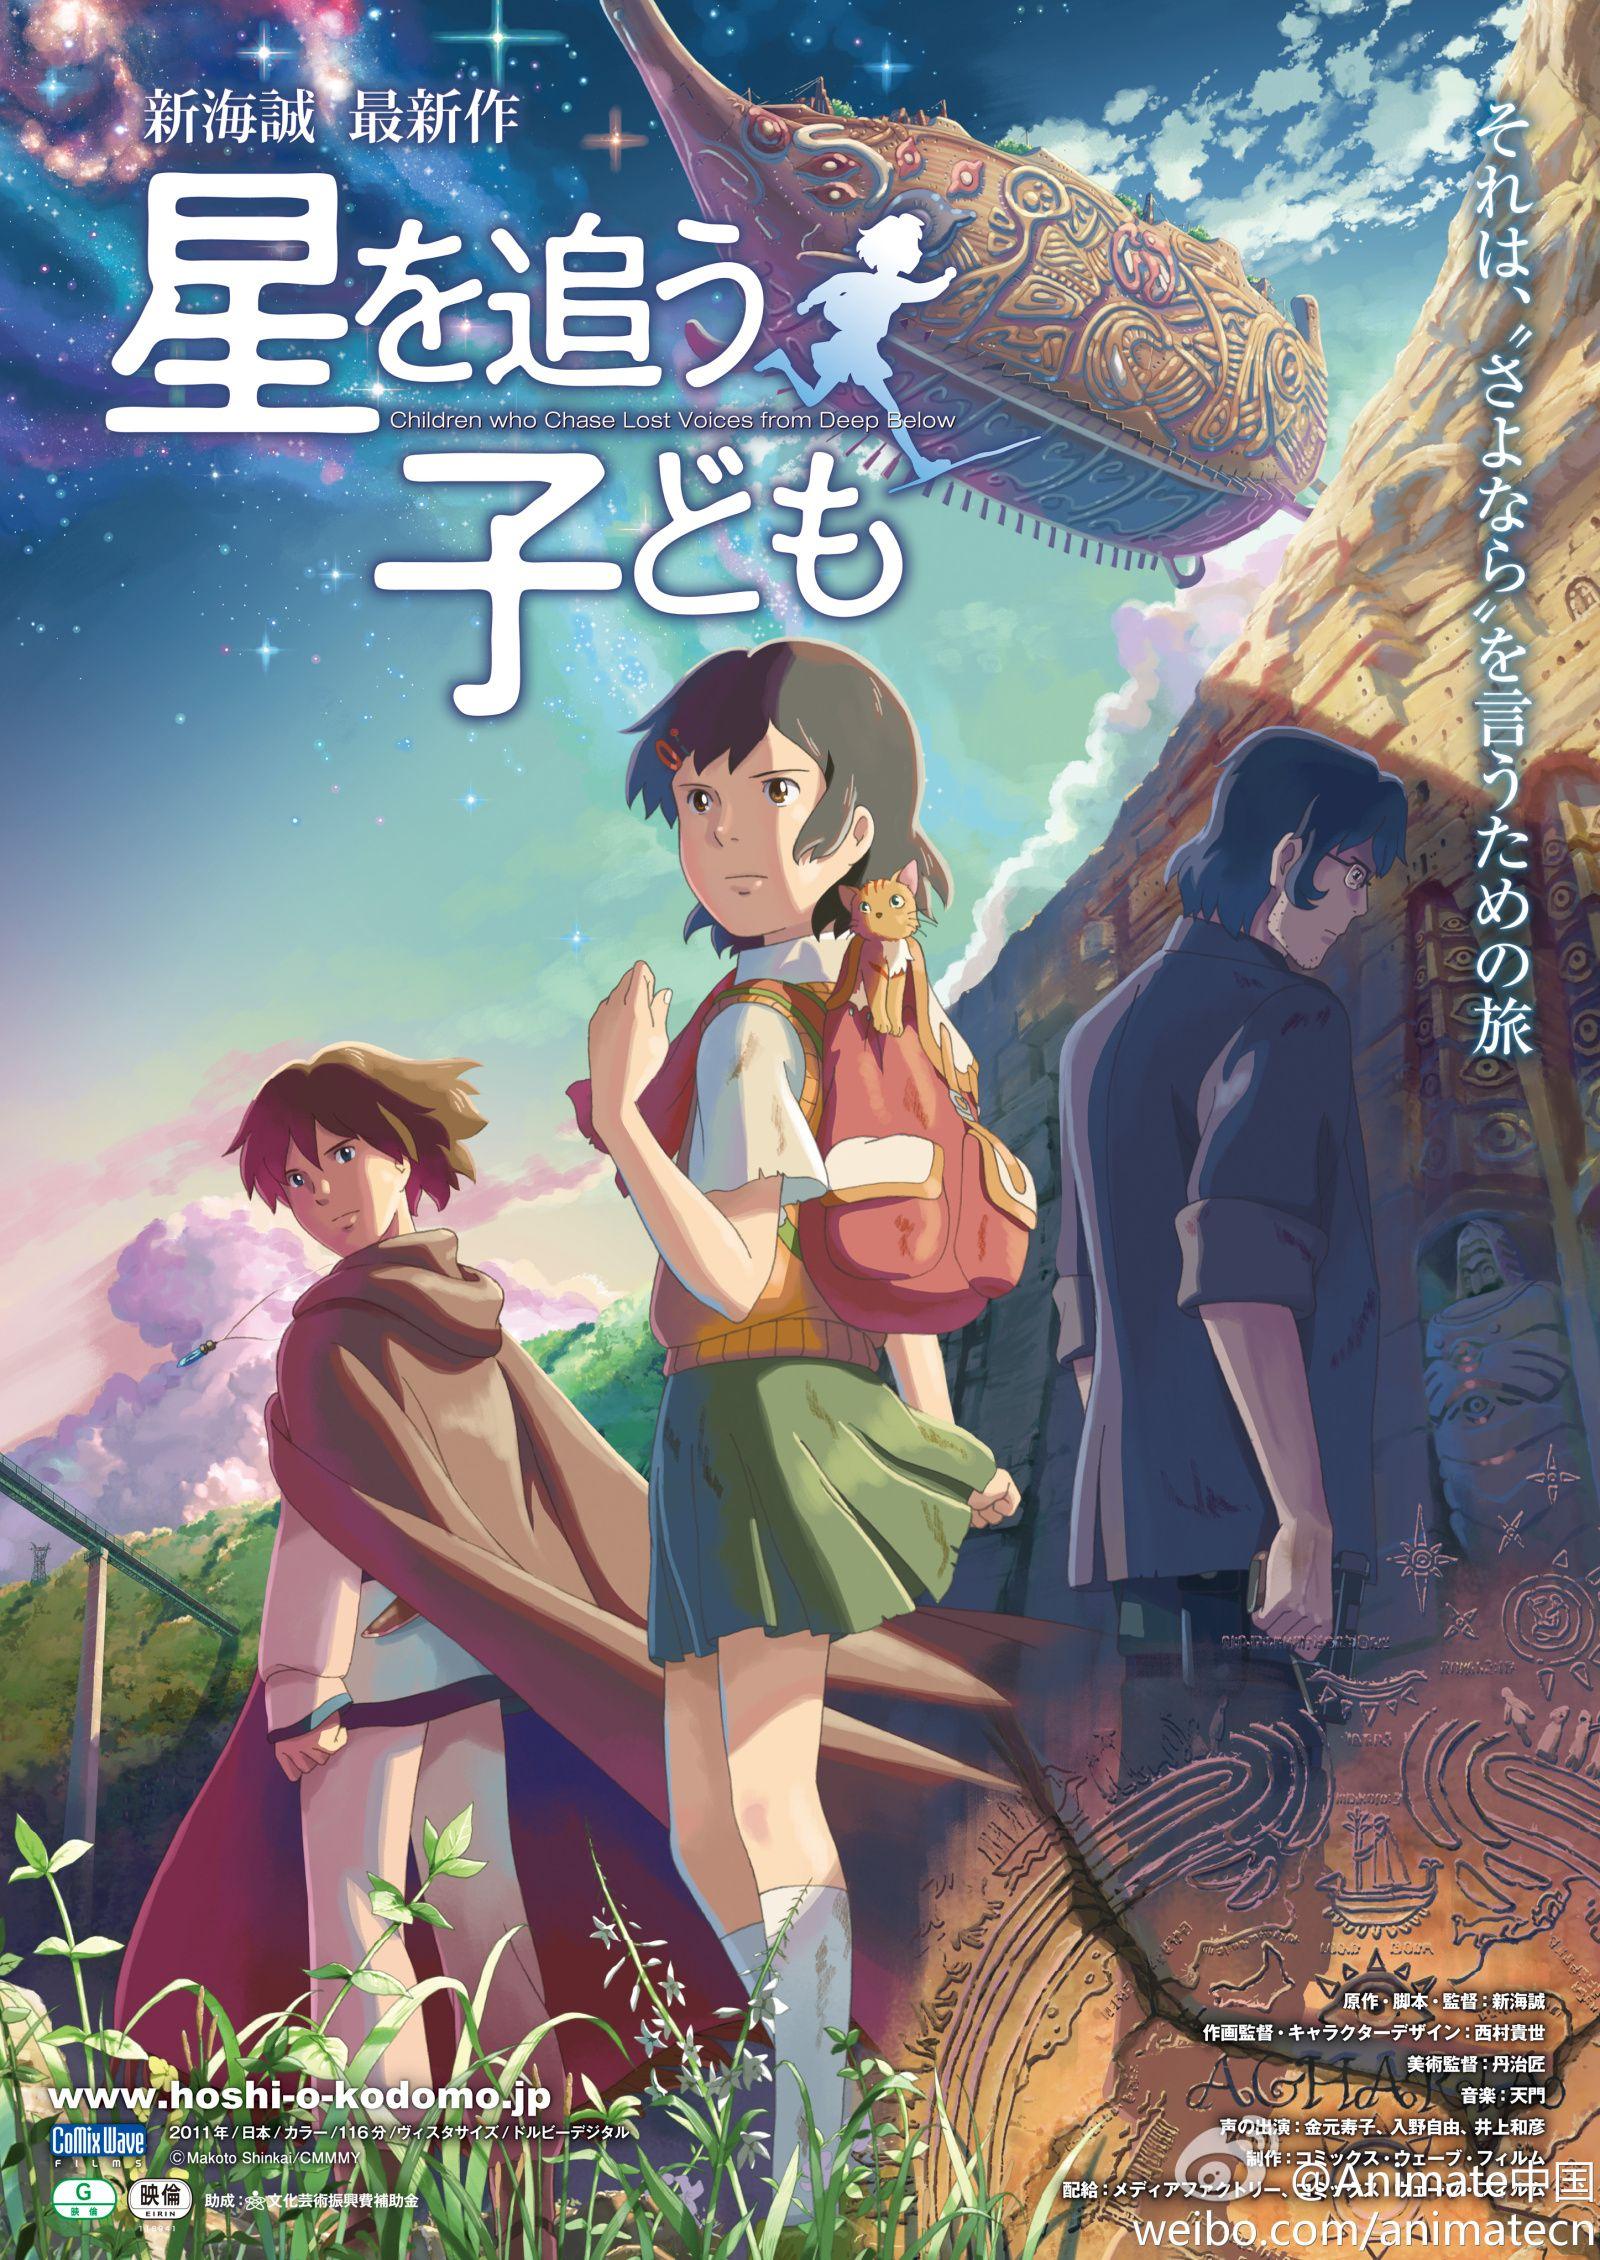 Hoshi o Ou Kodomo (2011) Director Makoto Shinkai Eiga